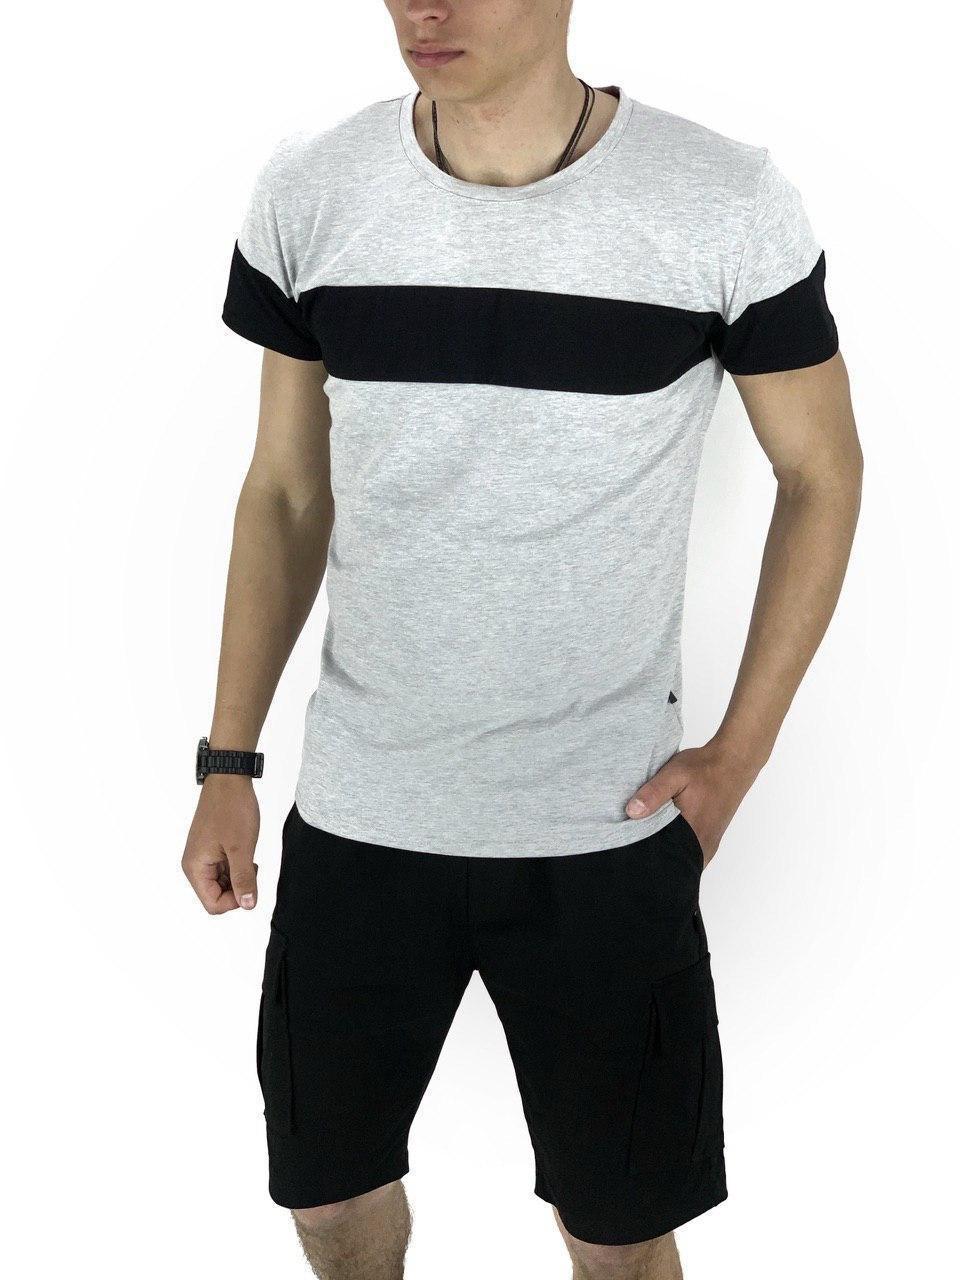 Комплект Футболка Color Stripe серая - черная и Шорты Miami Черные SKL59-259615